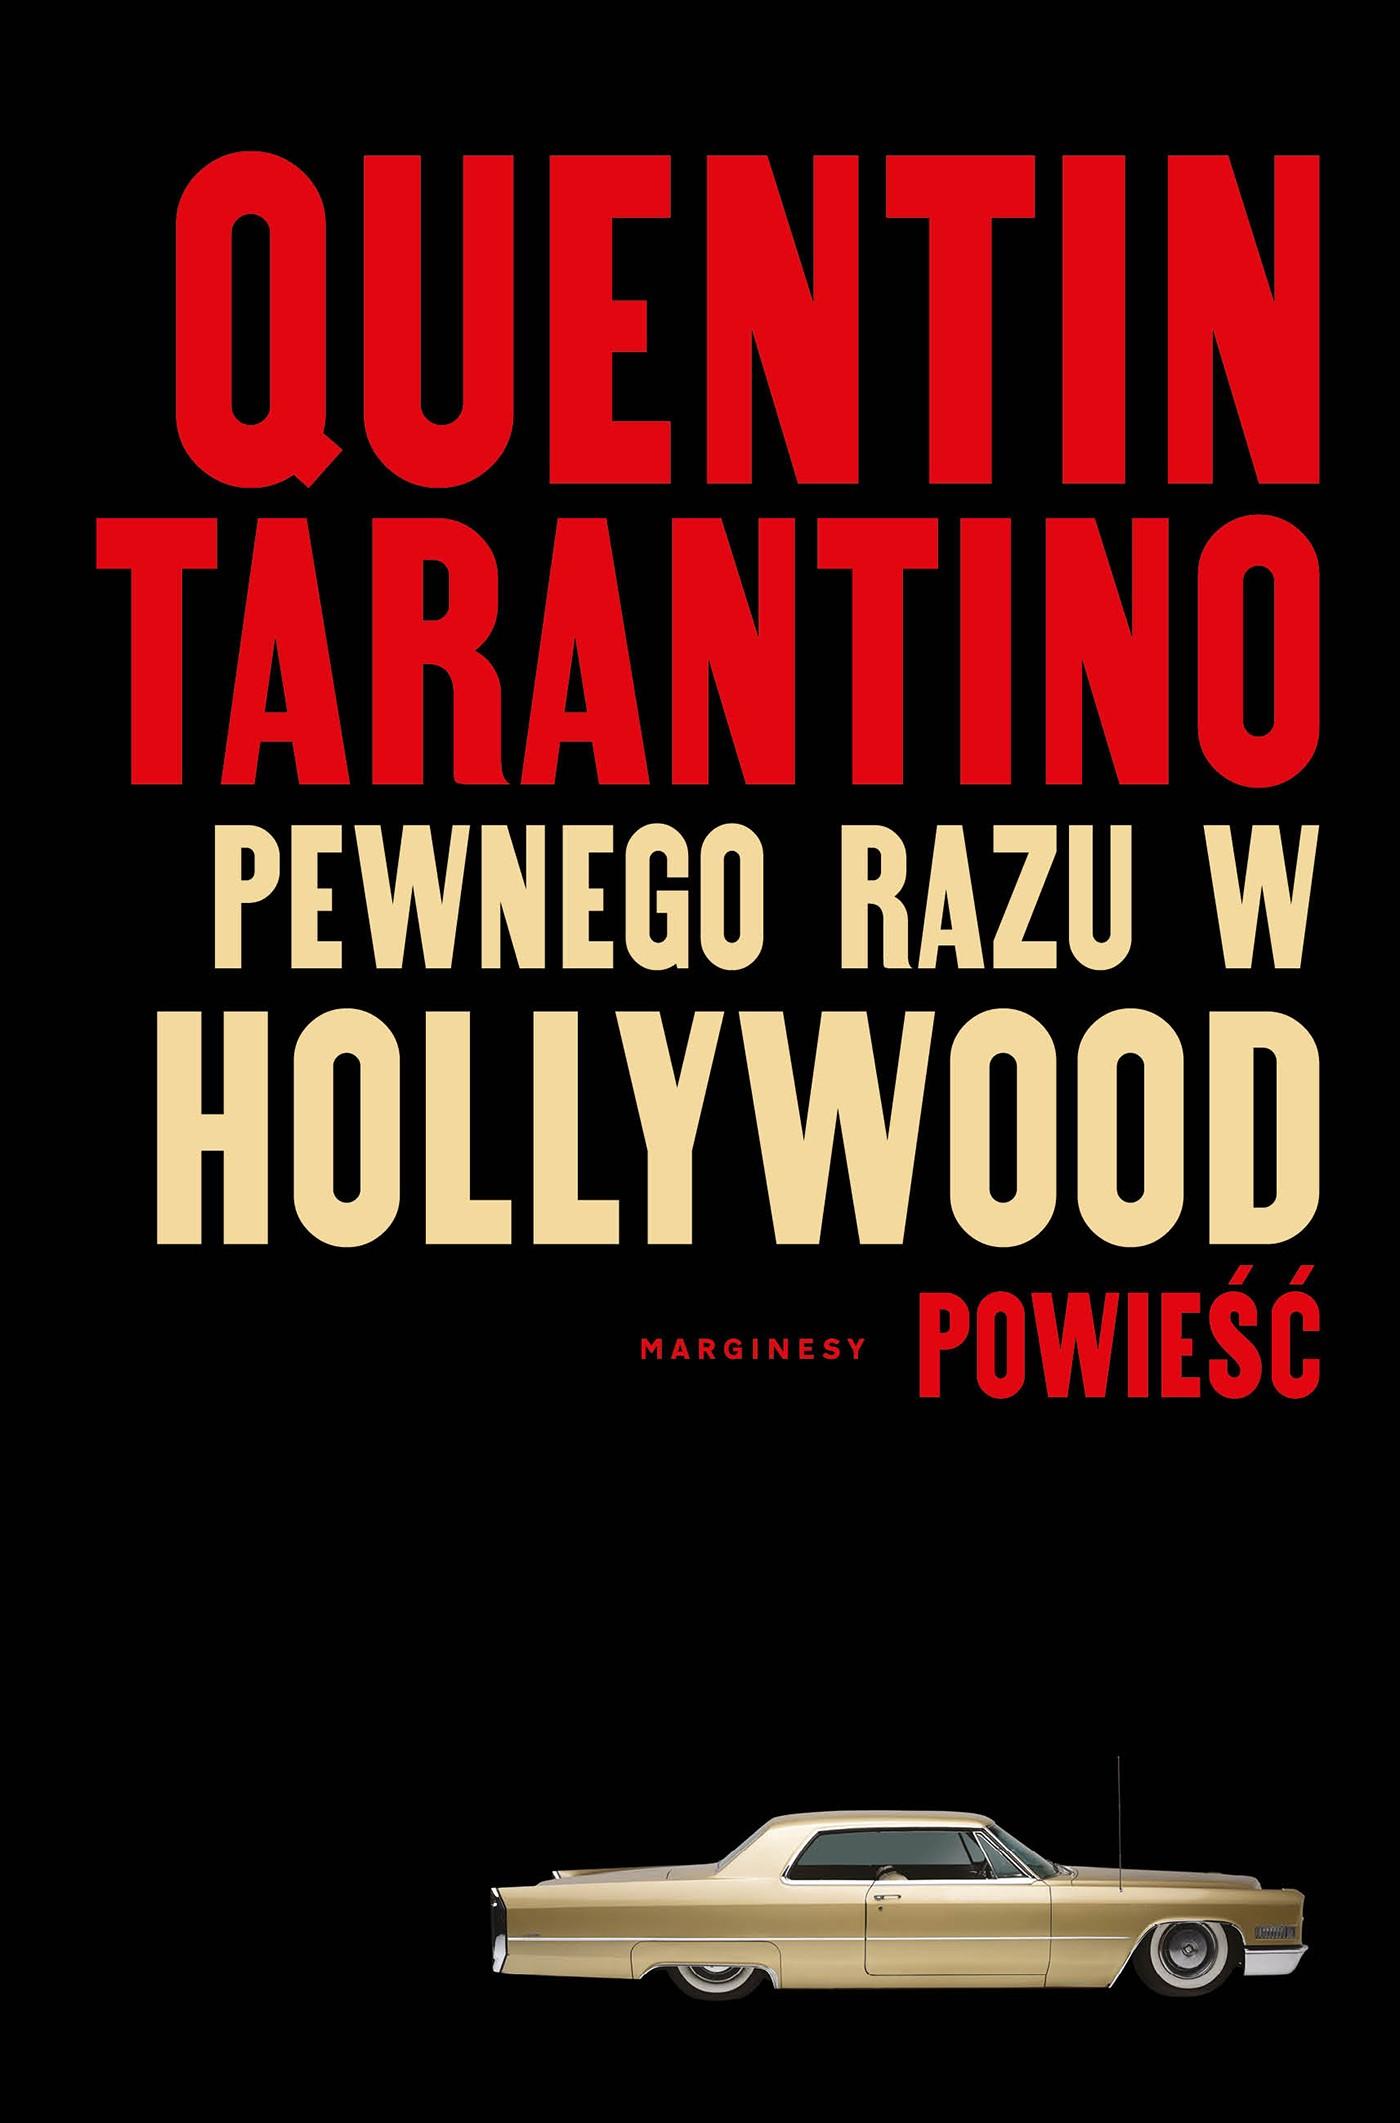 Pewnego razu w Hollywood - okładka książki (wydawnictwo Marginesy)